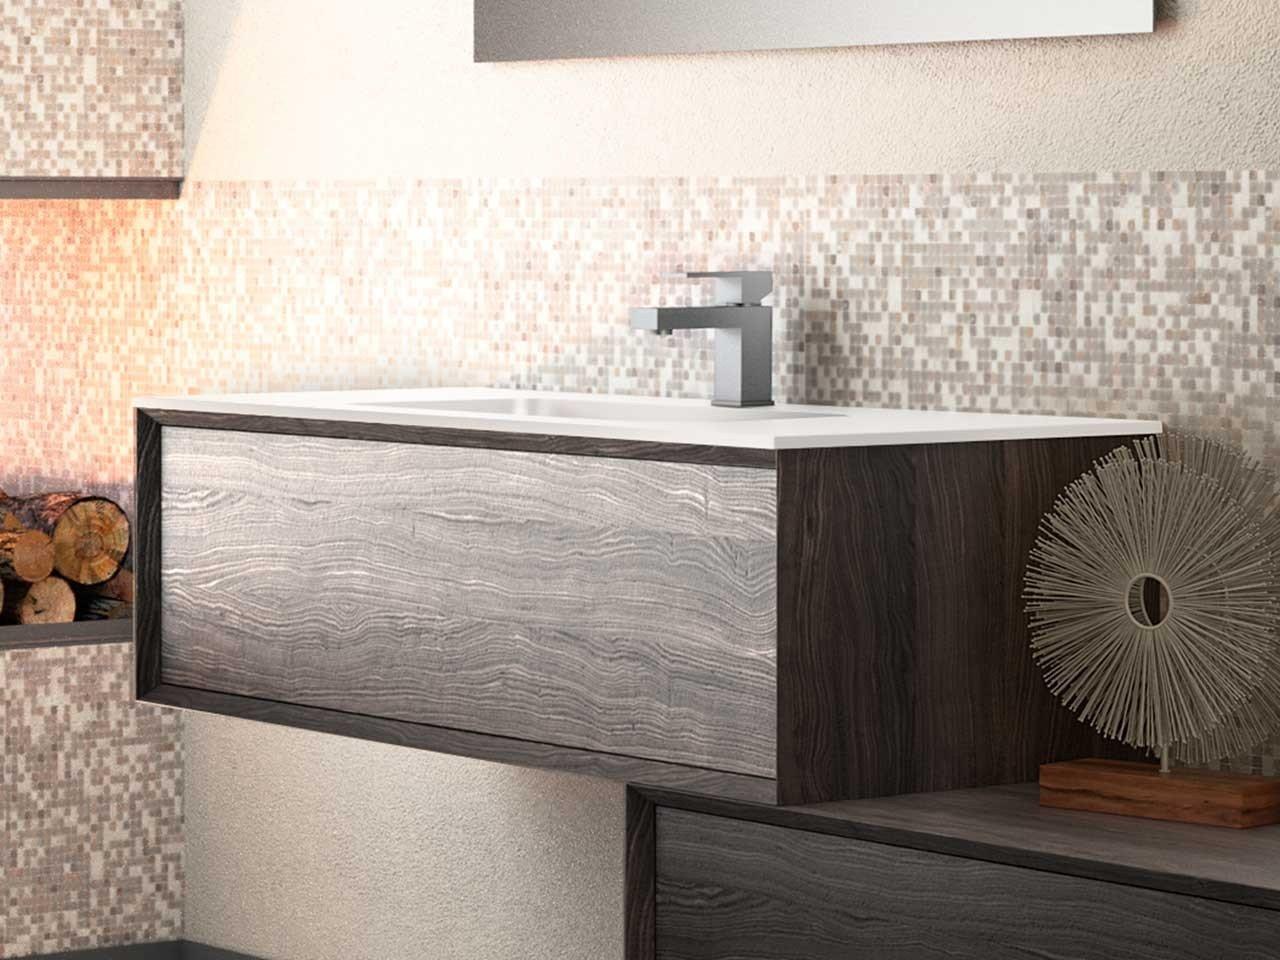 Mobili bagno legno massello 70cm - Iperceramica bagno ...